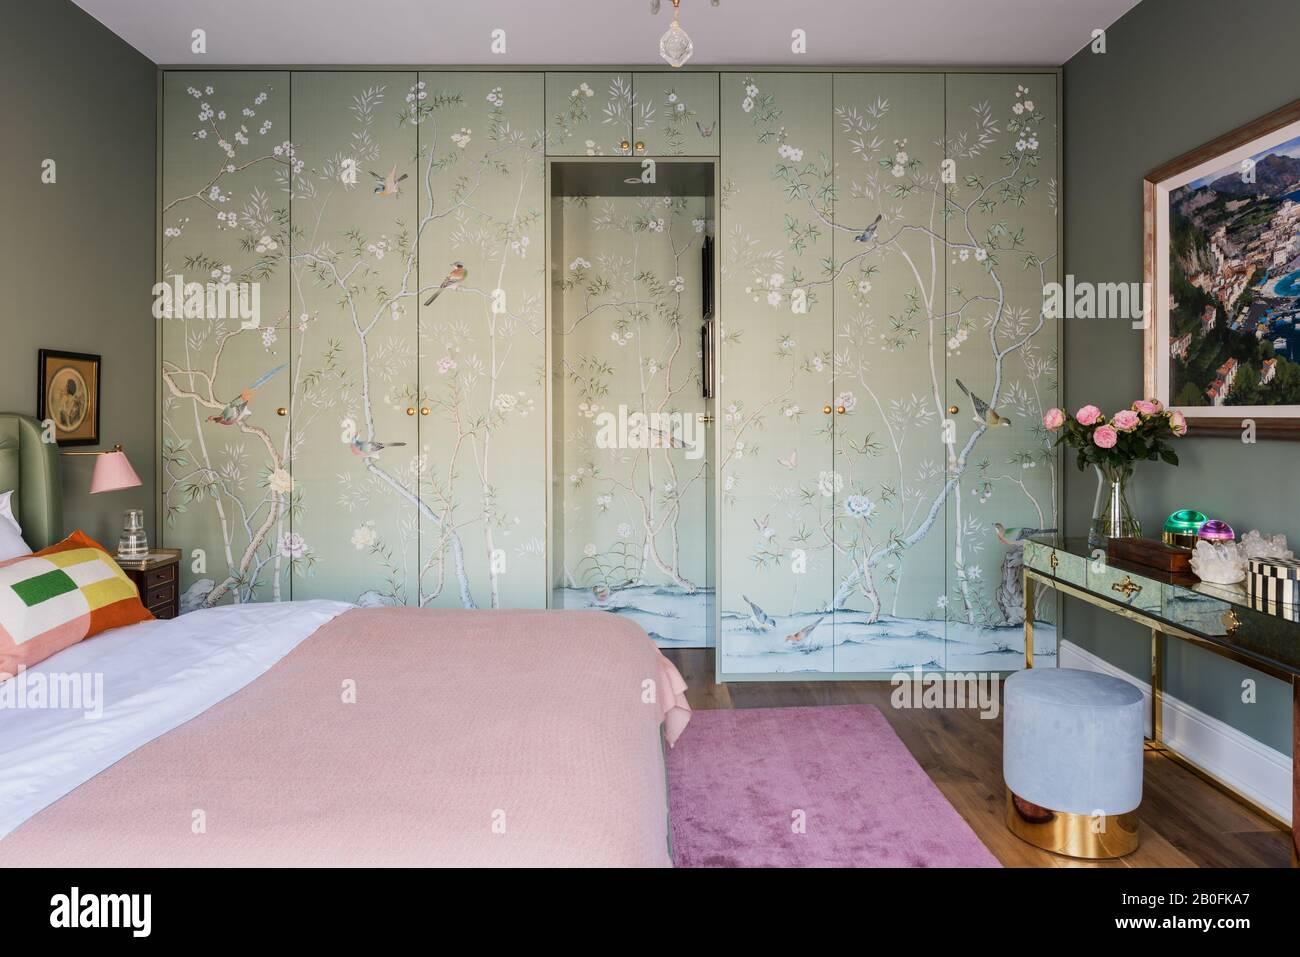 Papier peint Chinoiserie couvrant les portes de l'armoire. Banque D'Images